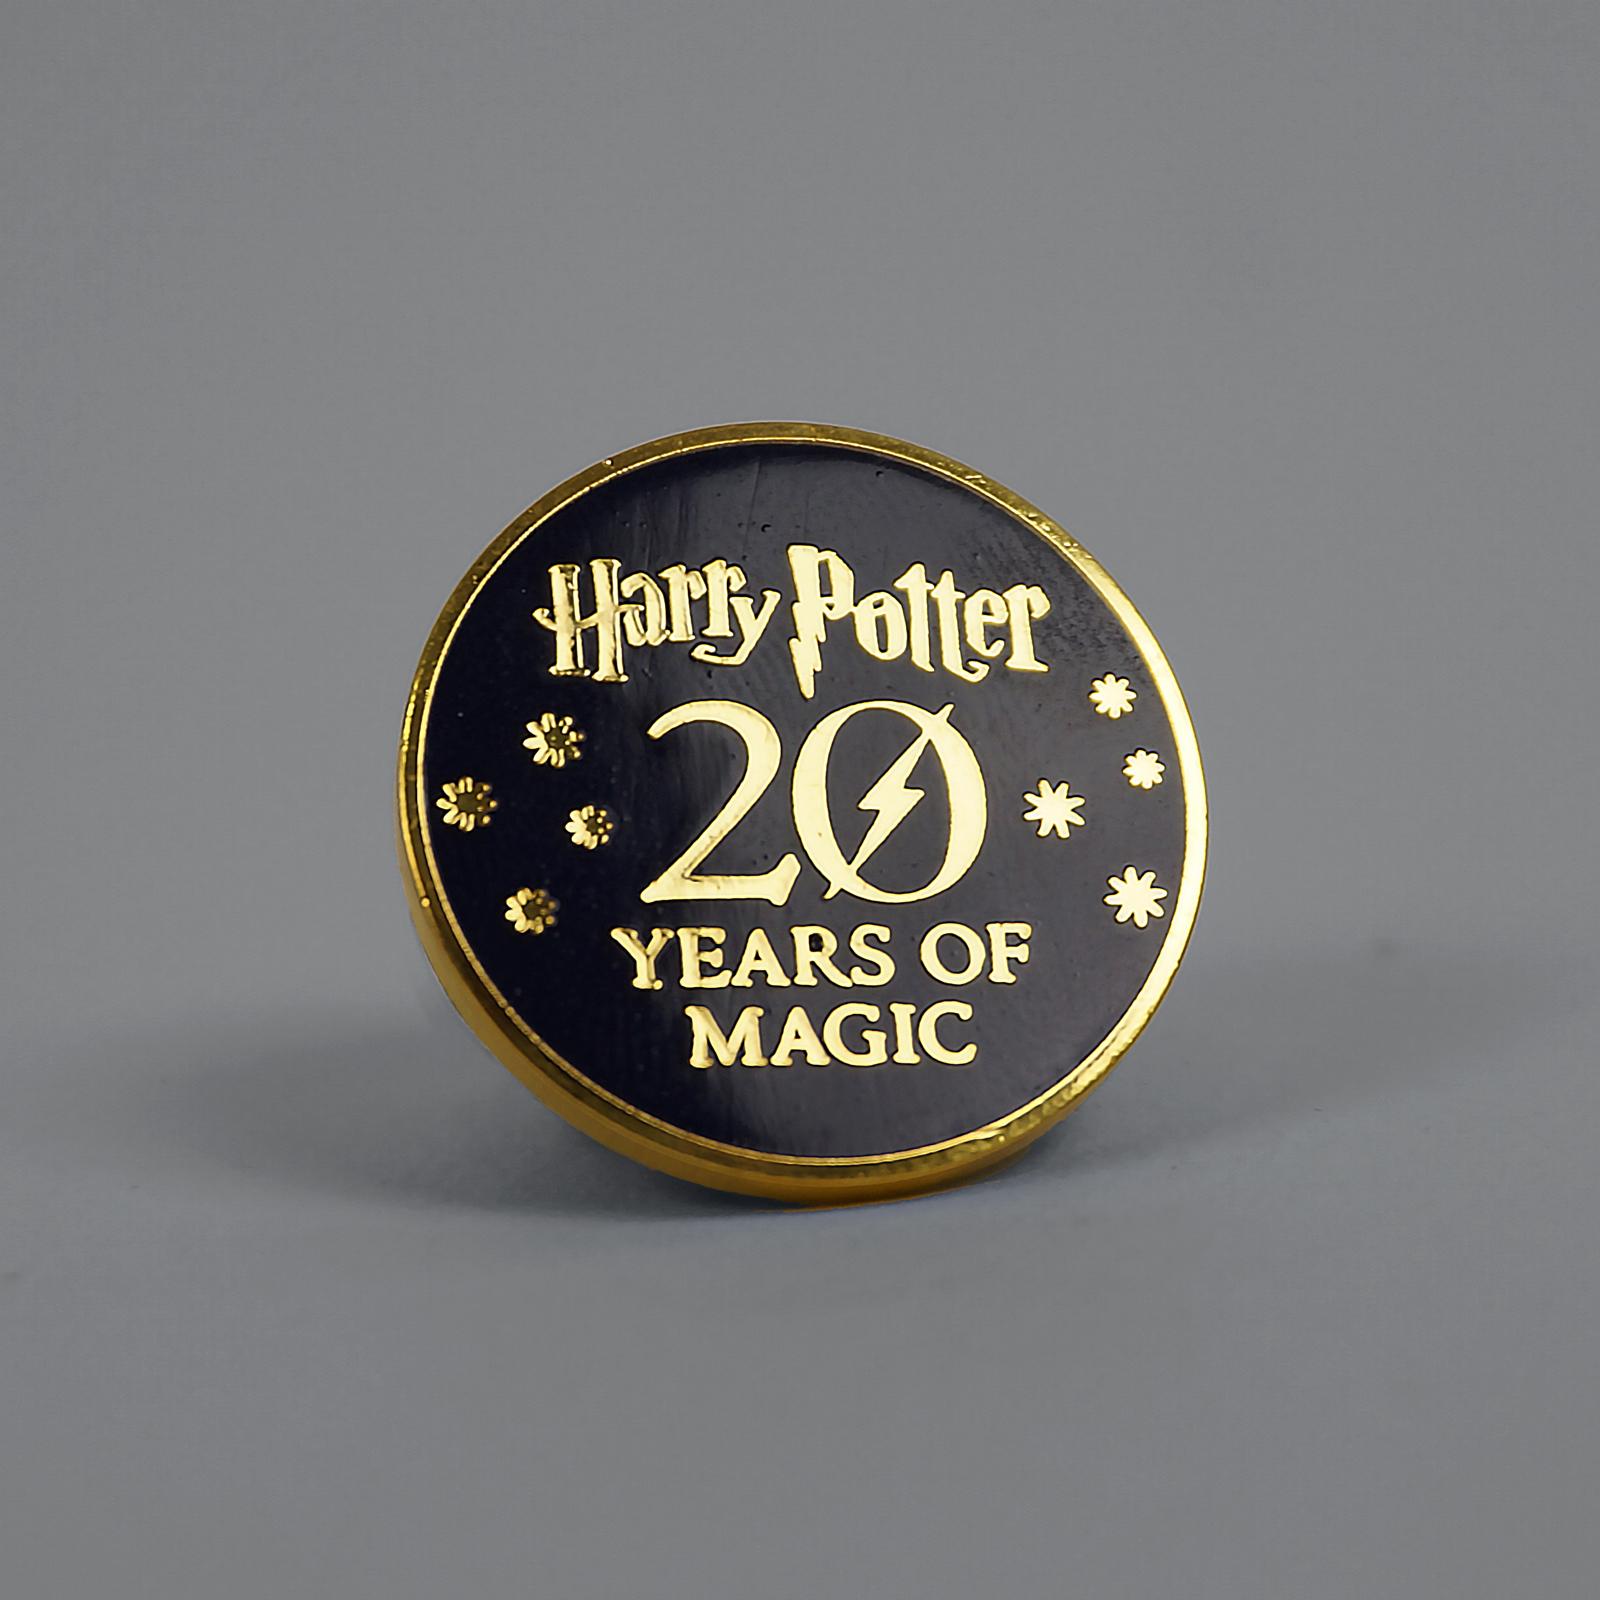 HarryPotterPin.jpg